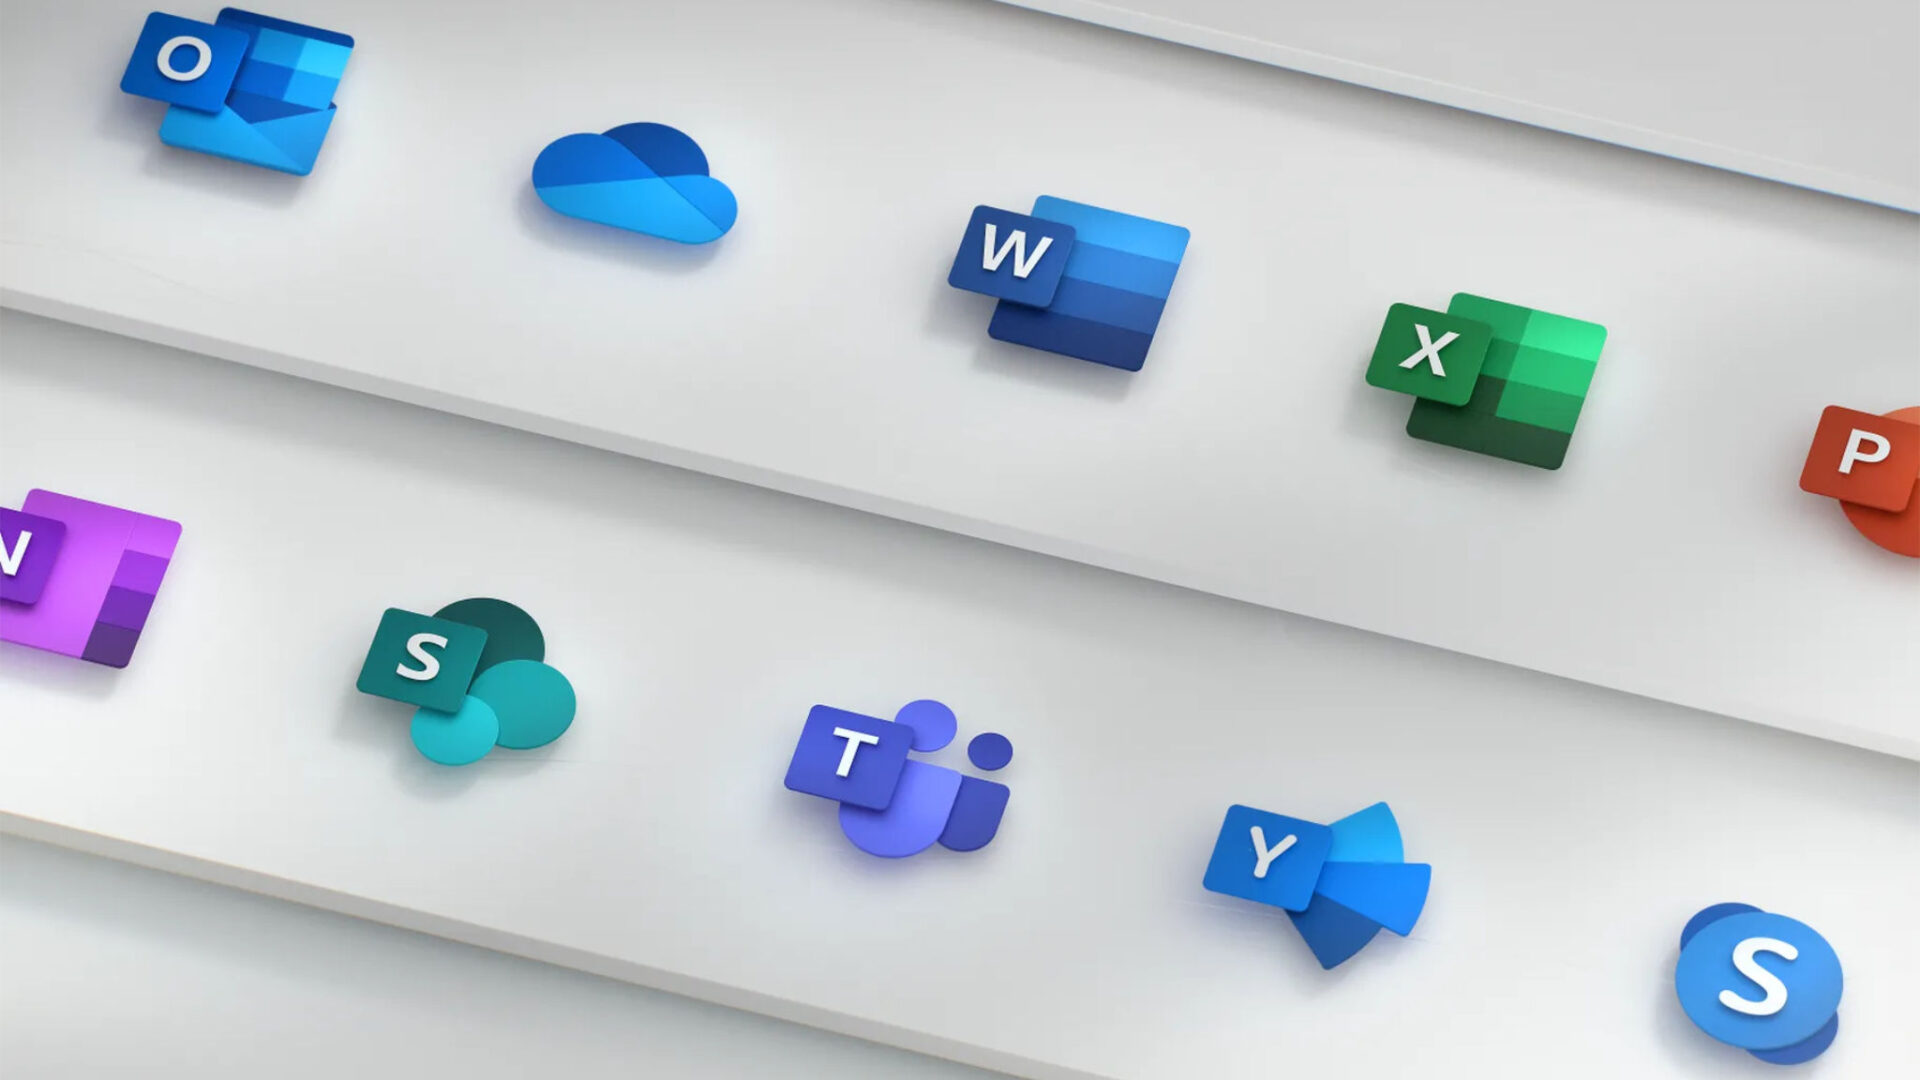 Microsoft Office 2021 chính thức ra mắt vào 5 tháng 10